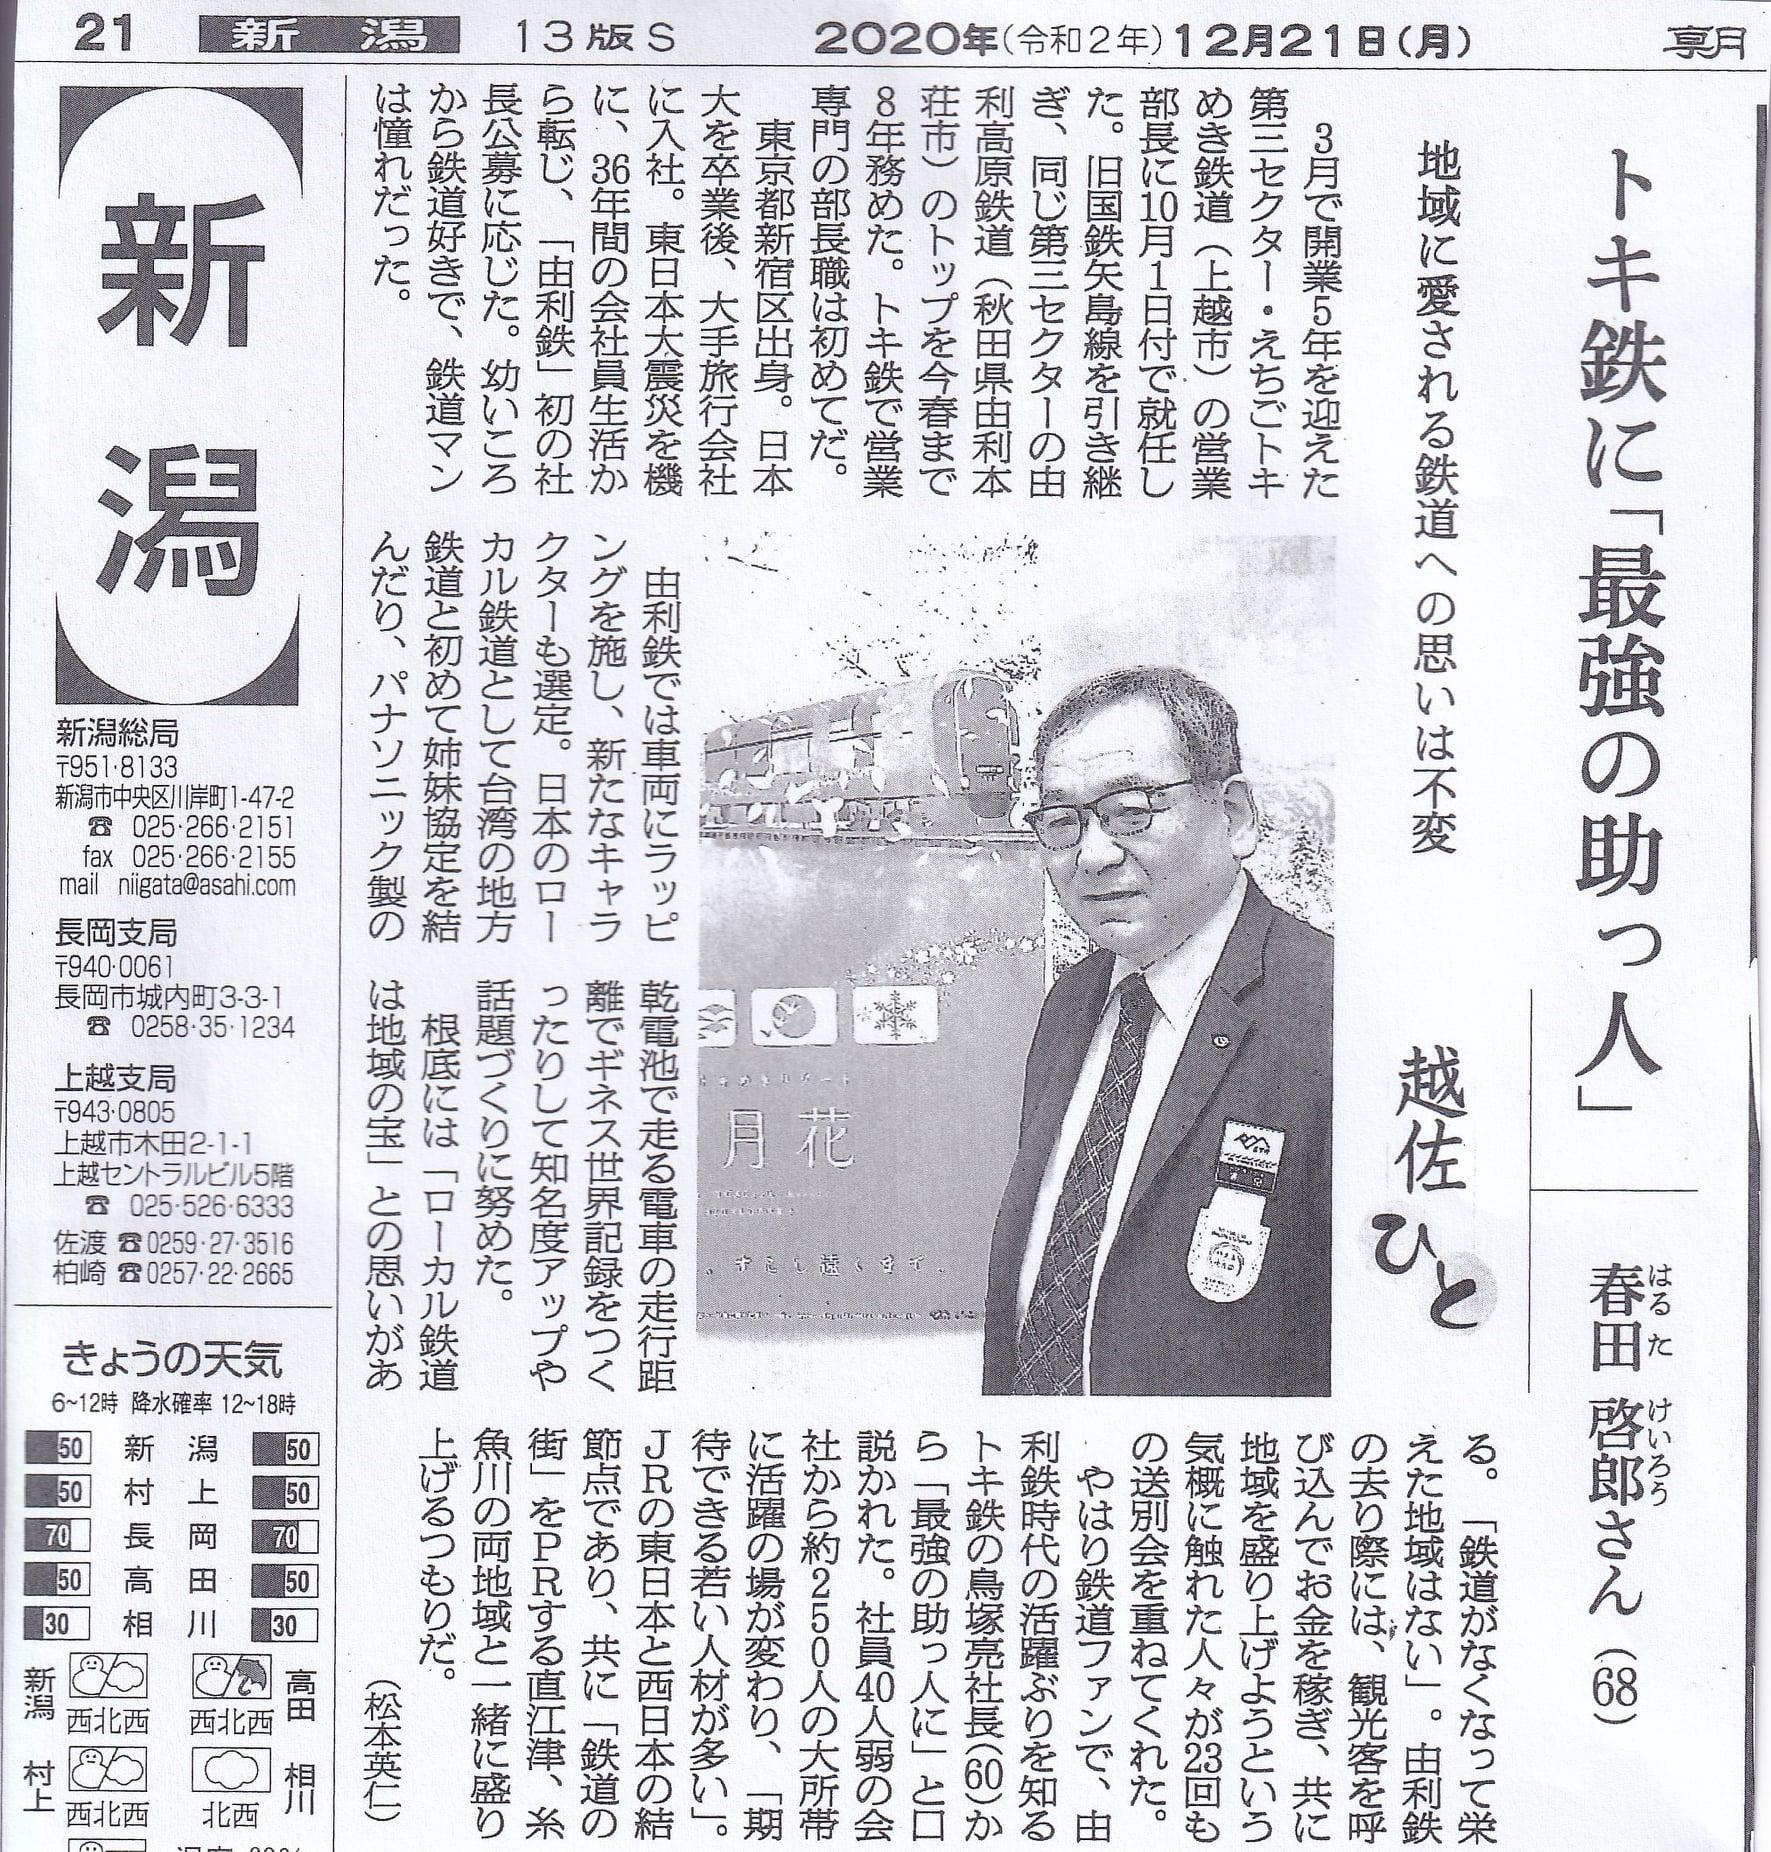 春田さんの記事